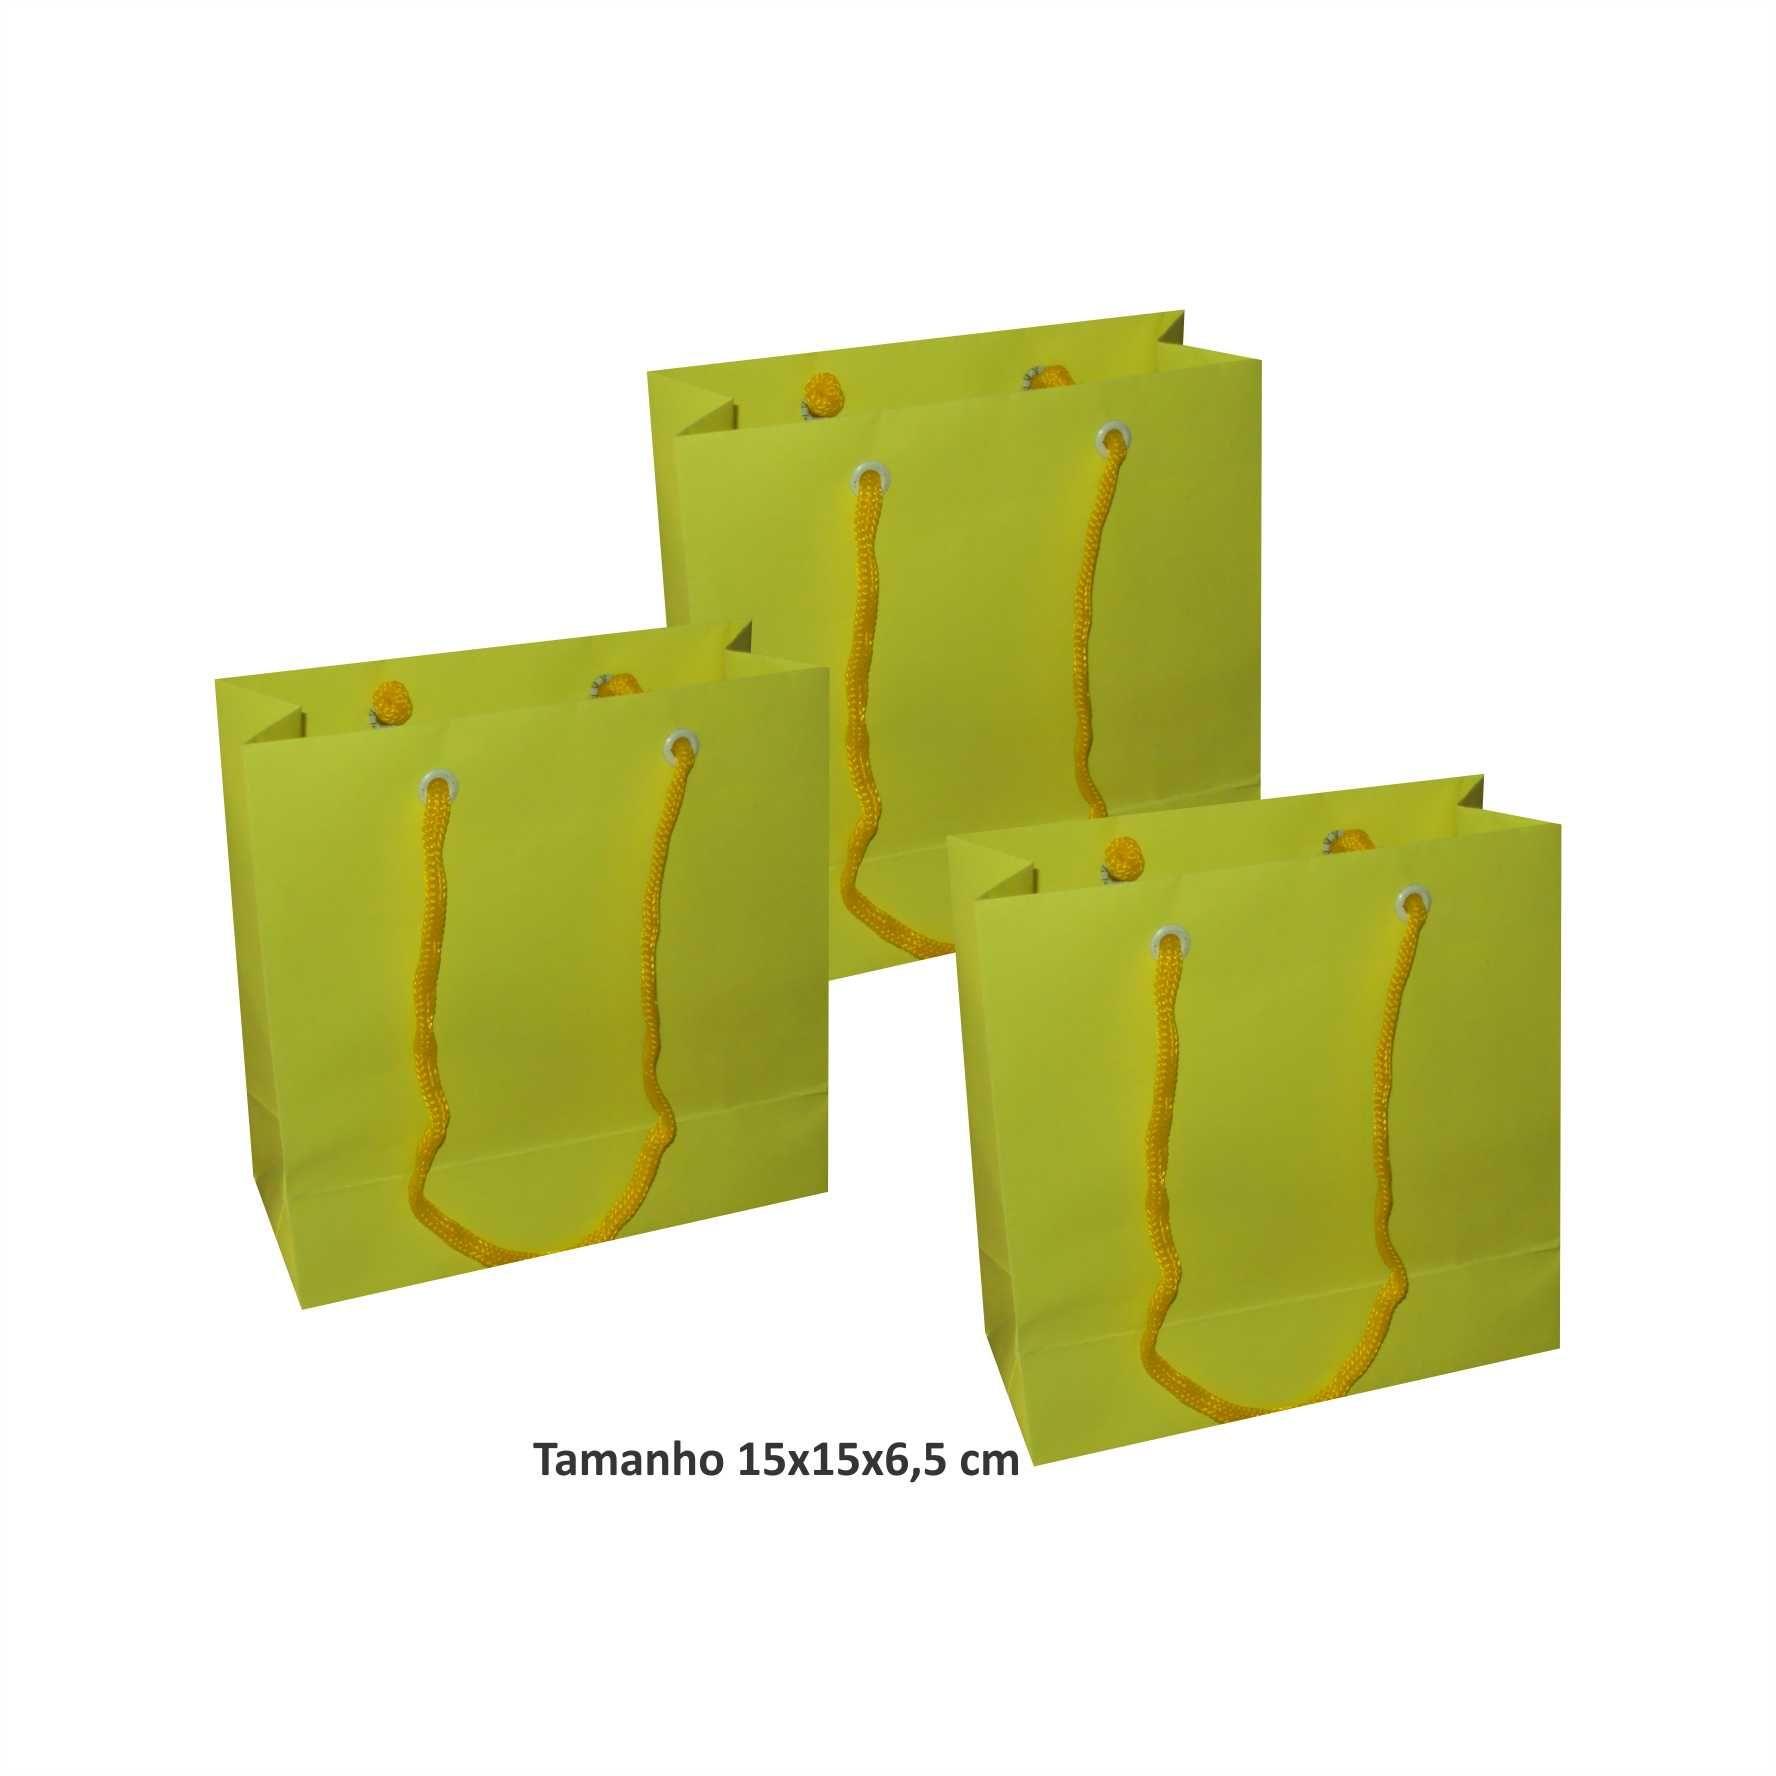 Sacola de papel Pequena (15x15x6,5 cm) amarela - 10 unidades